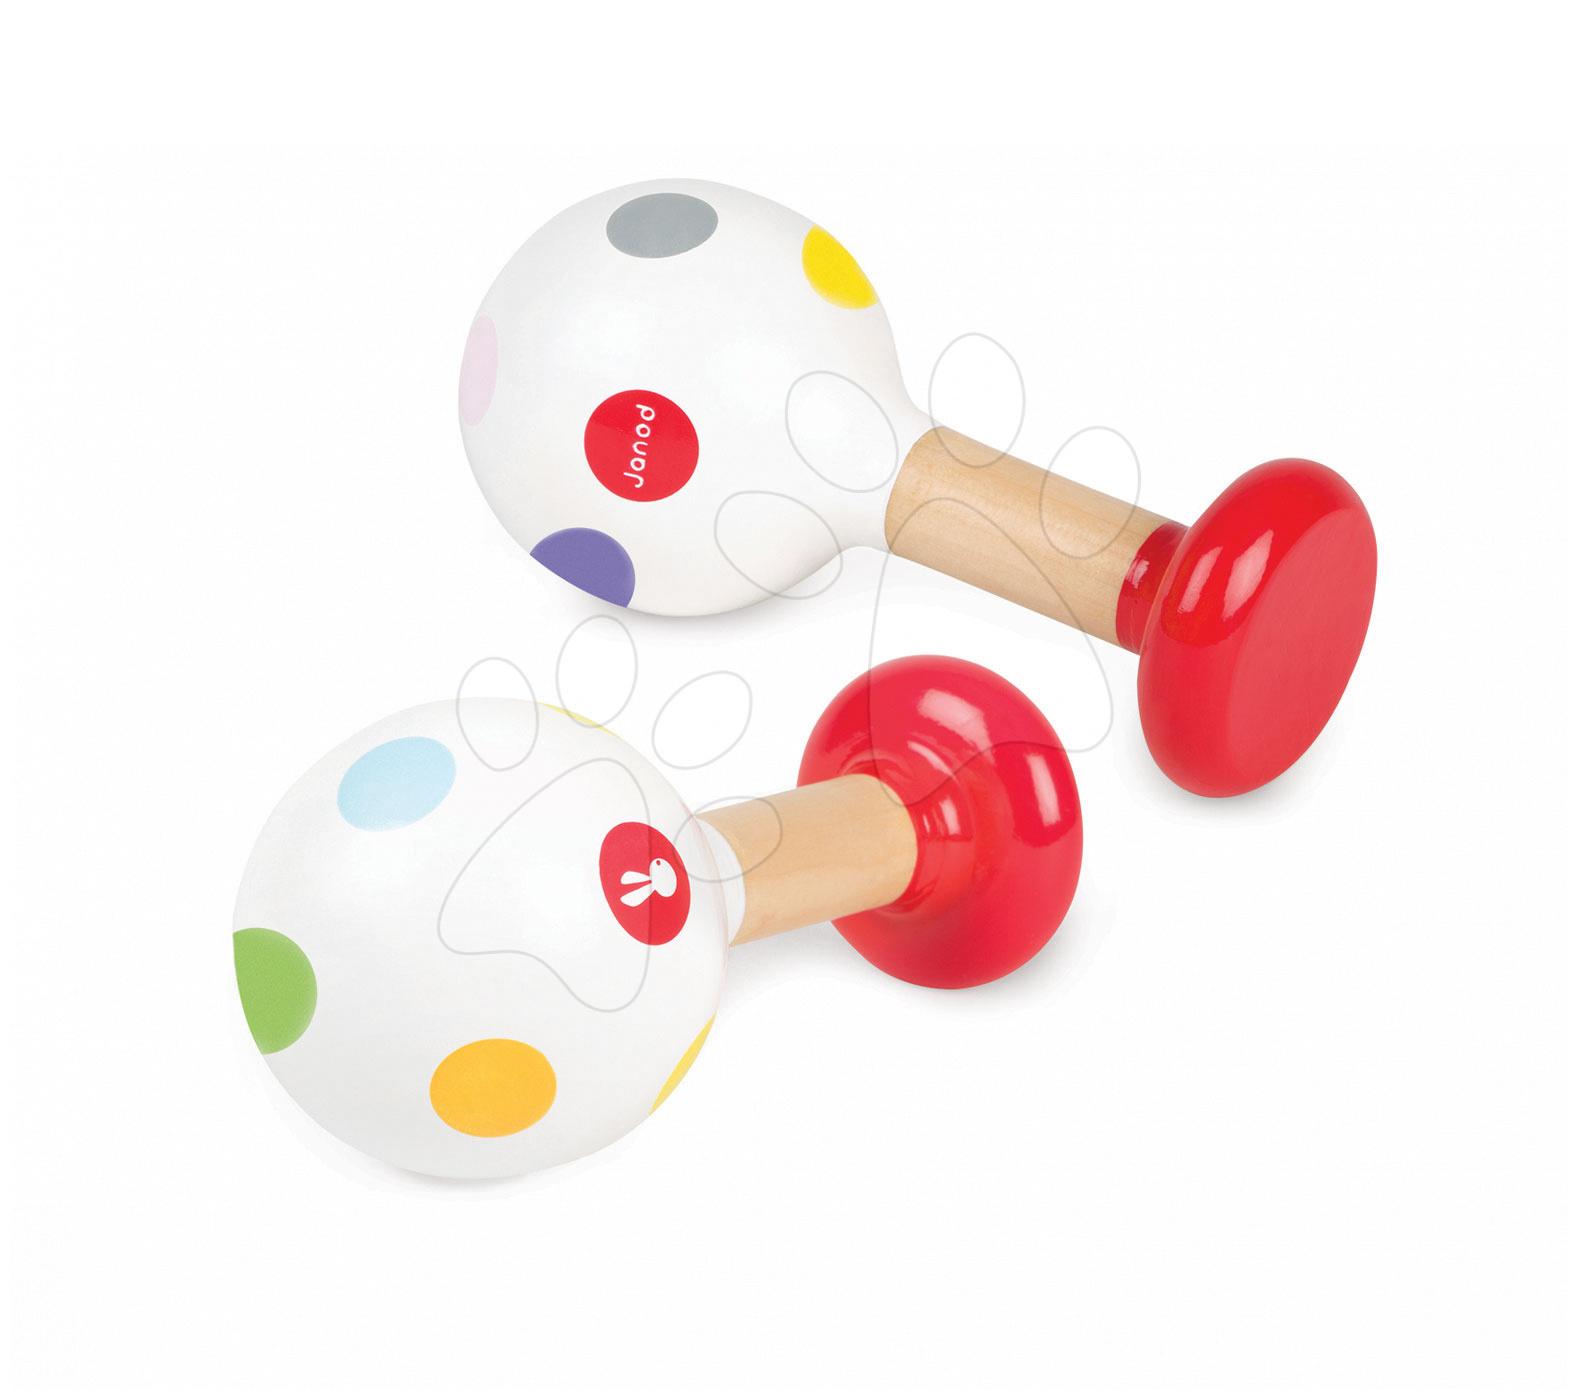 Detské hudobné nástroje - Drevené rumbagule Confetti Maracas Janod od 12 mes